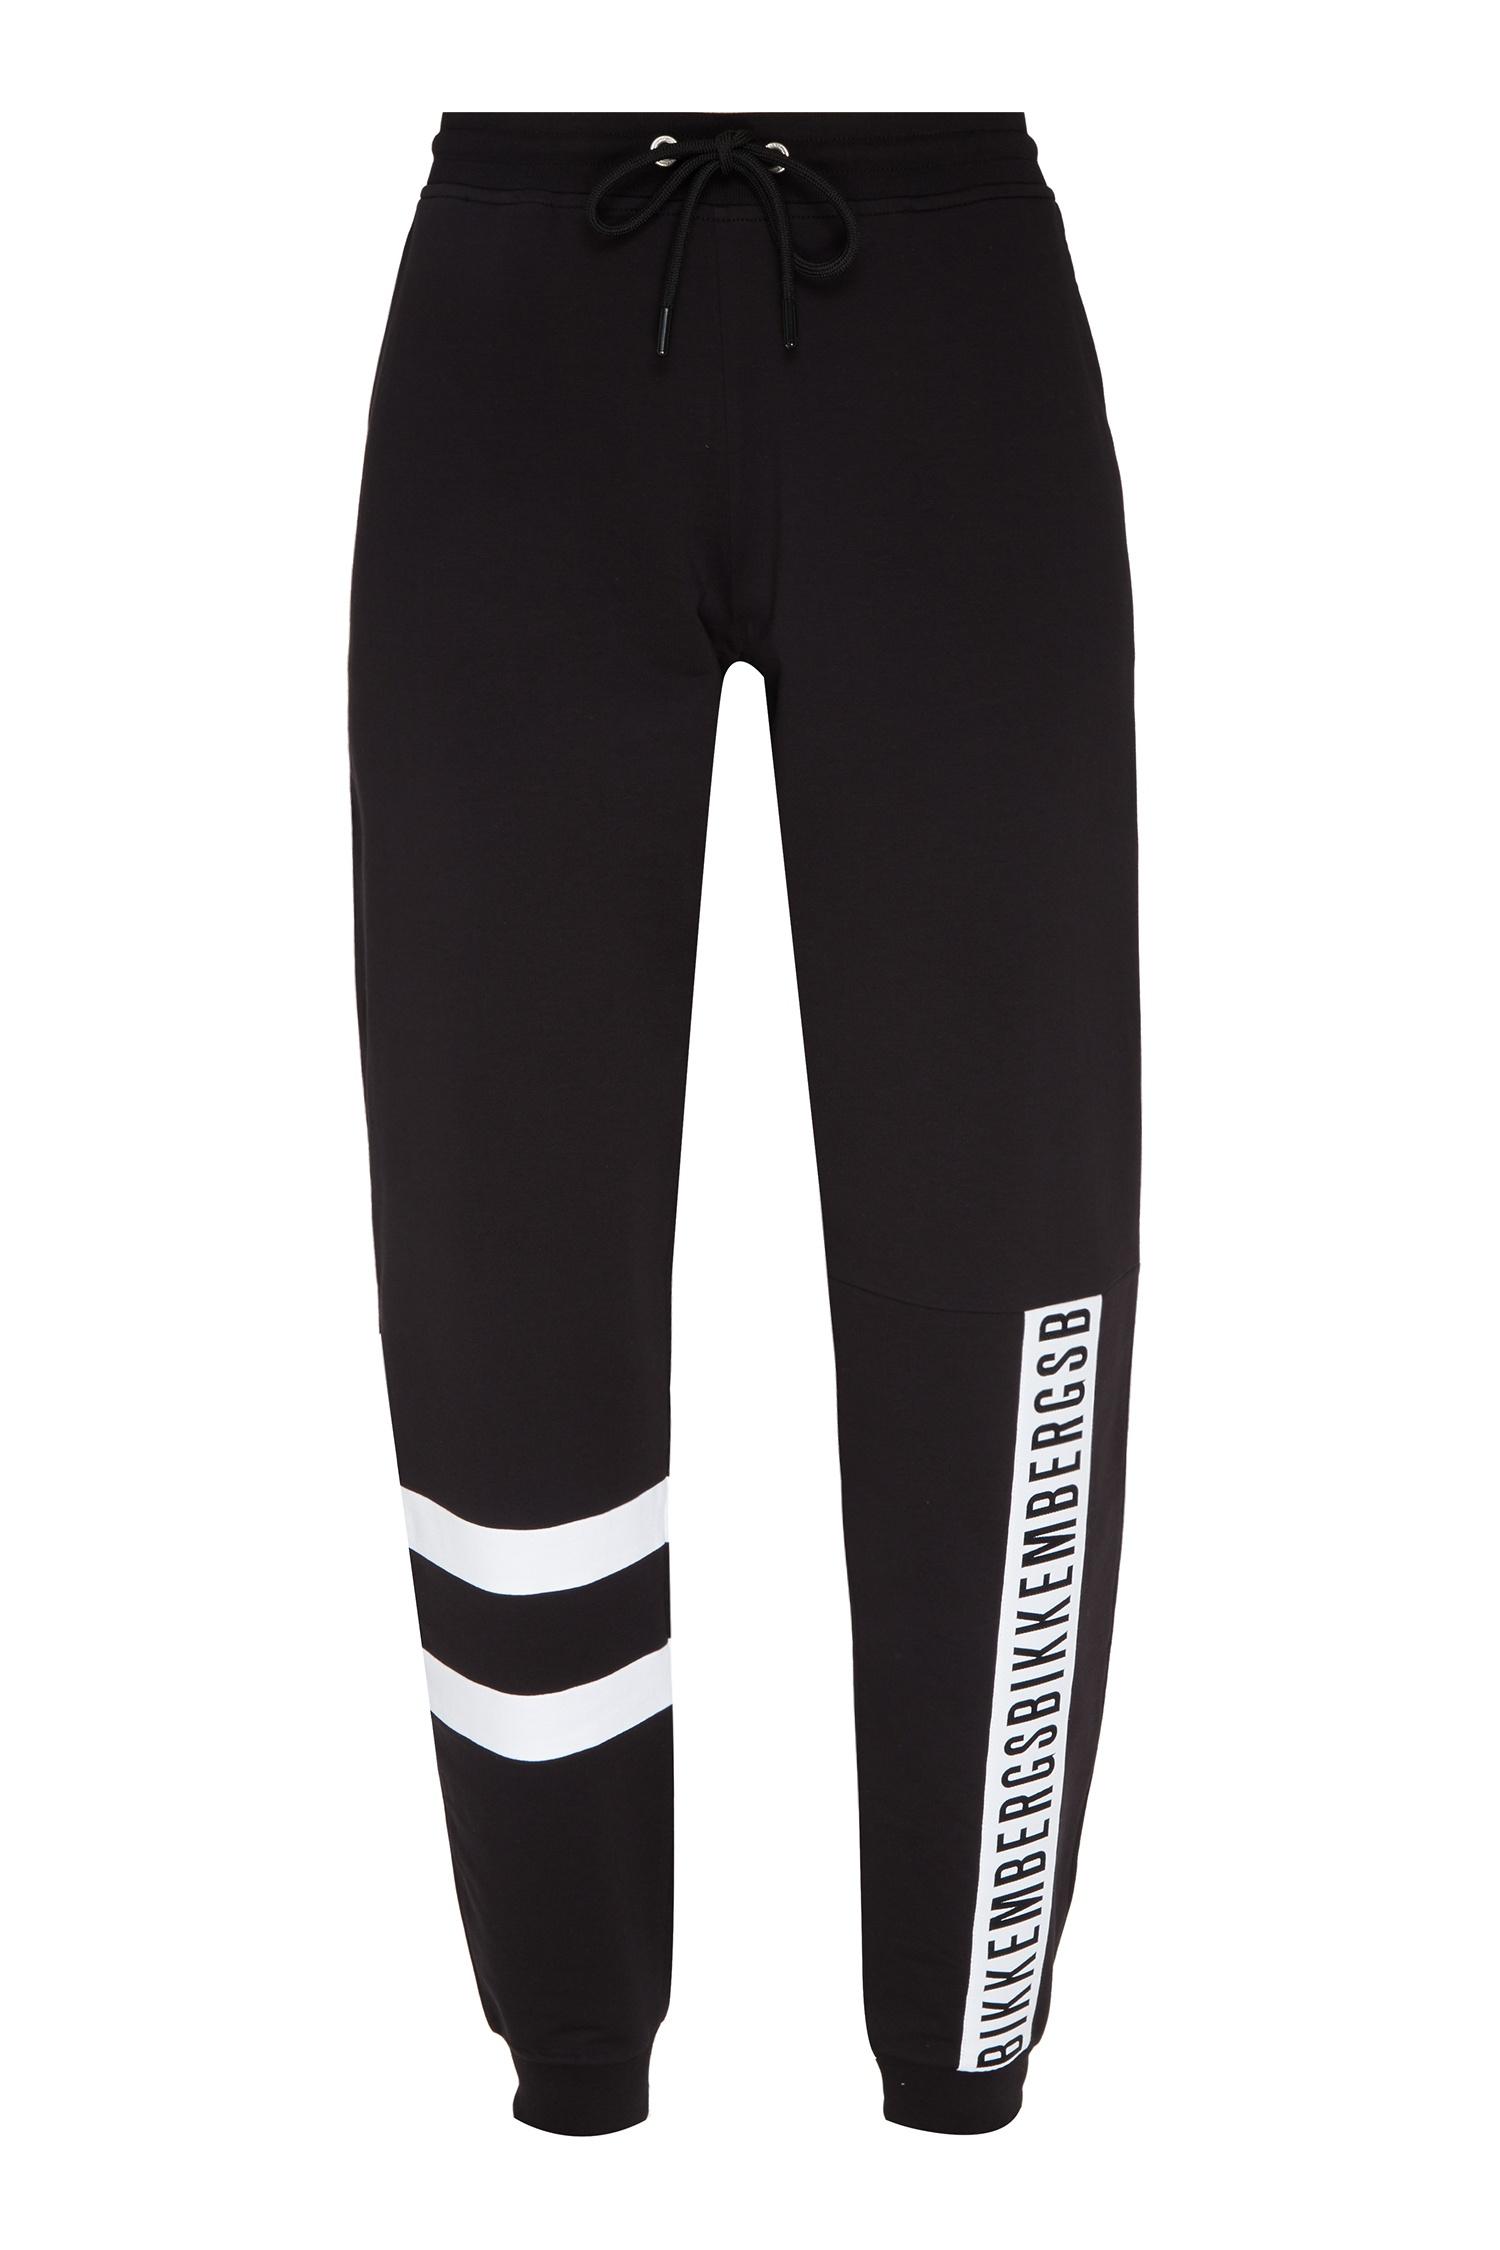 8c3cdbbe Черно-белый спортивный костюм Dirk Bikkembergs – купить в интернет ...